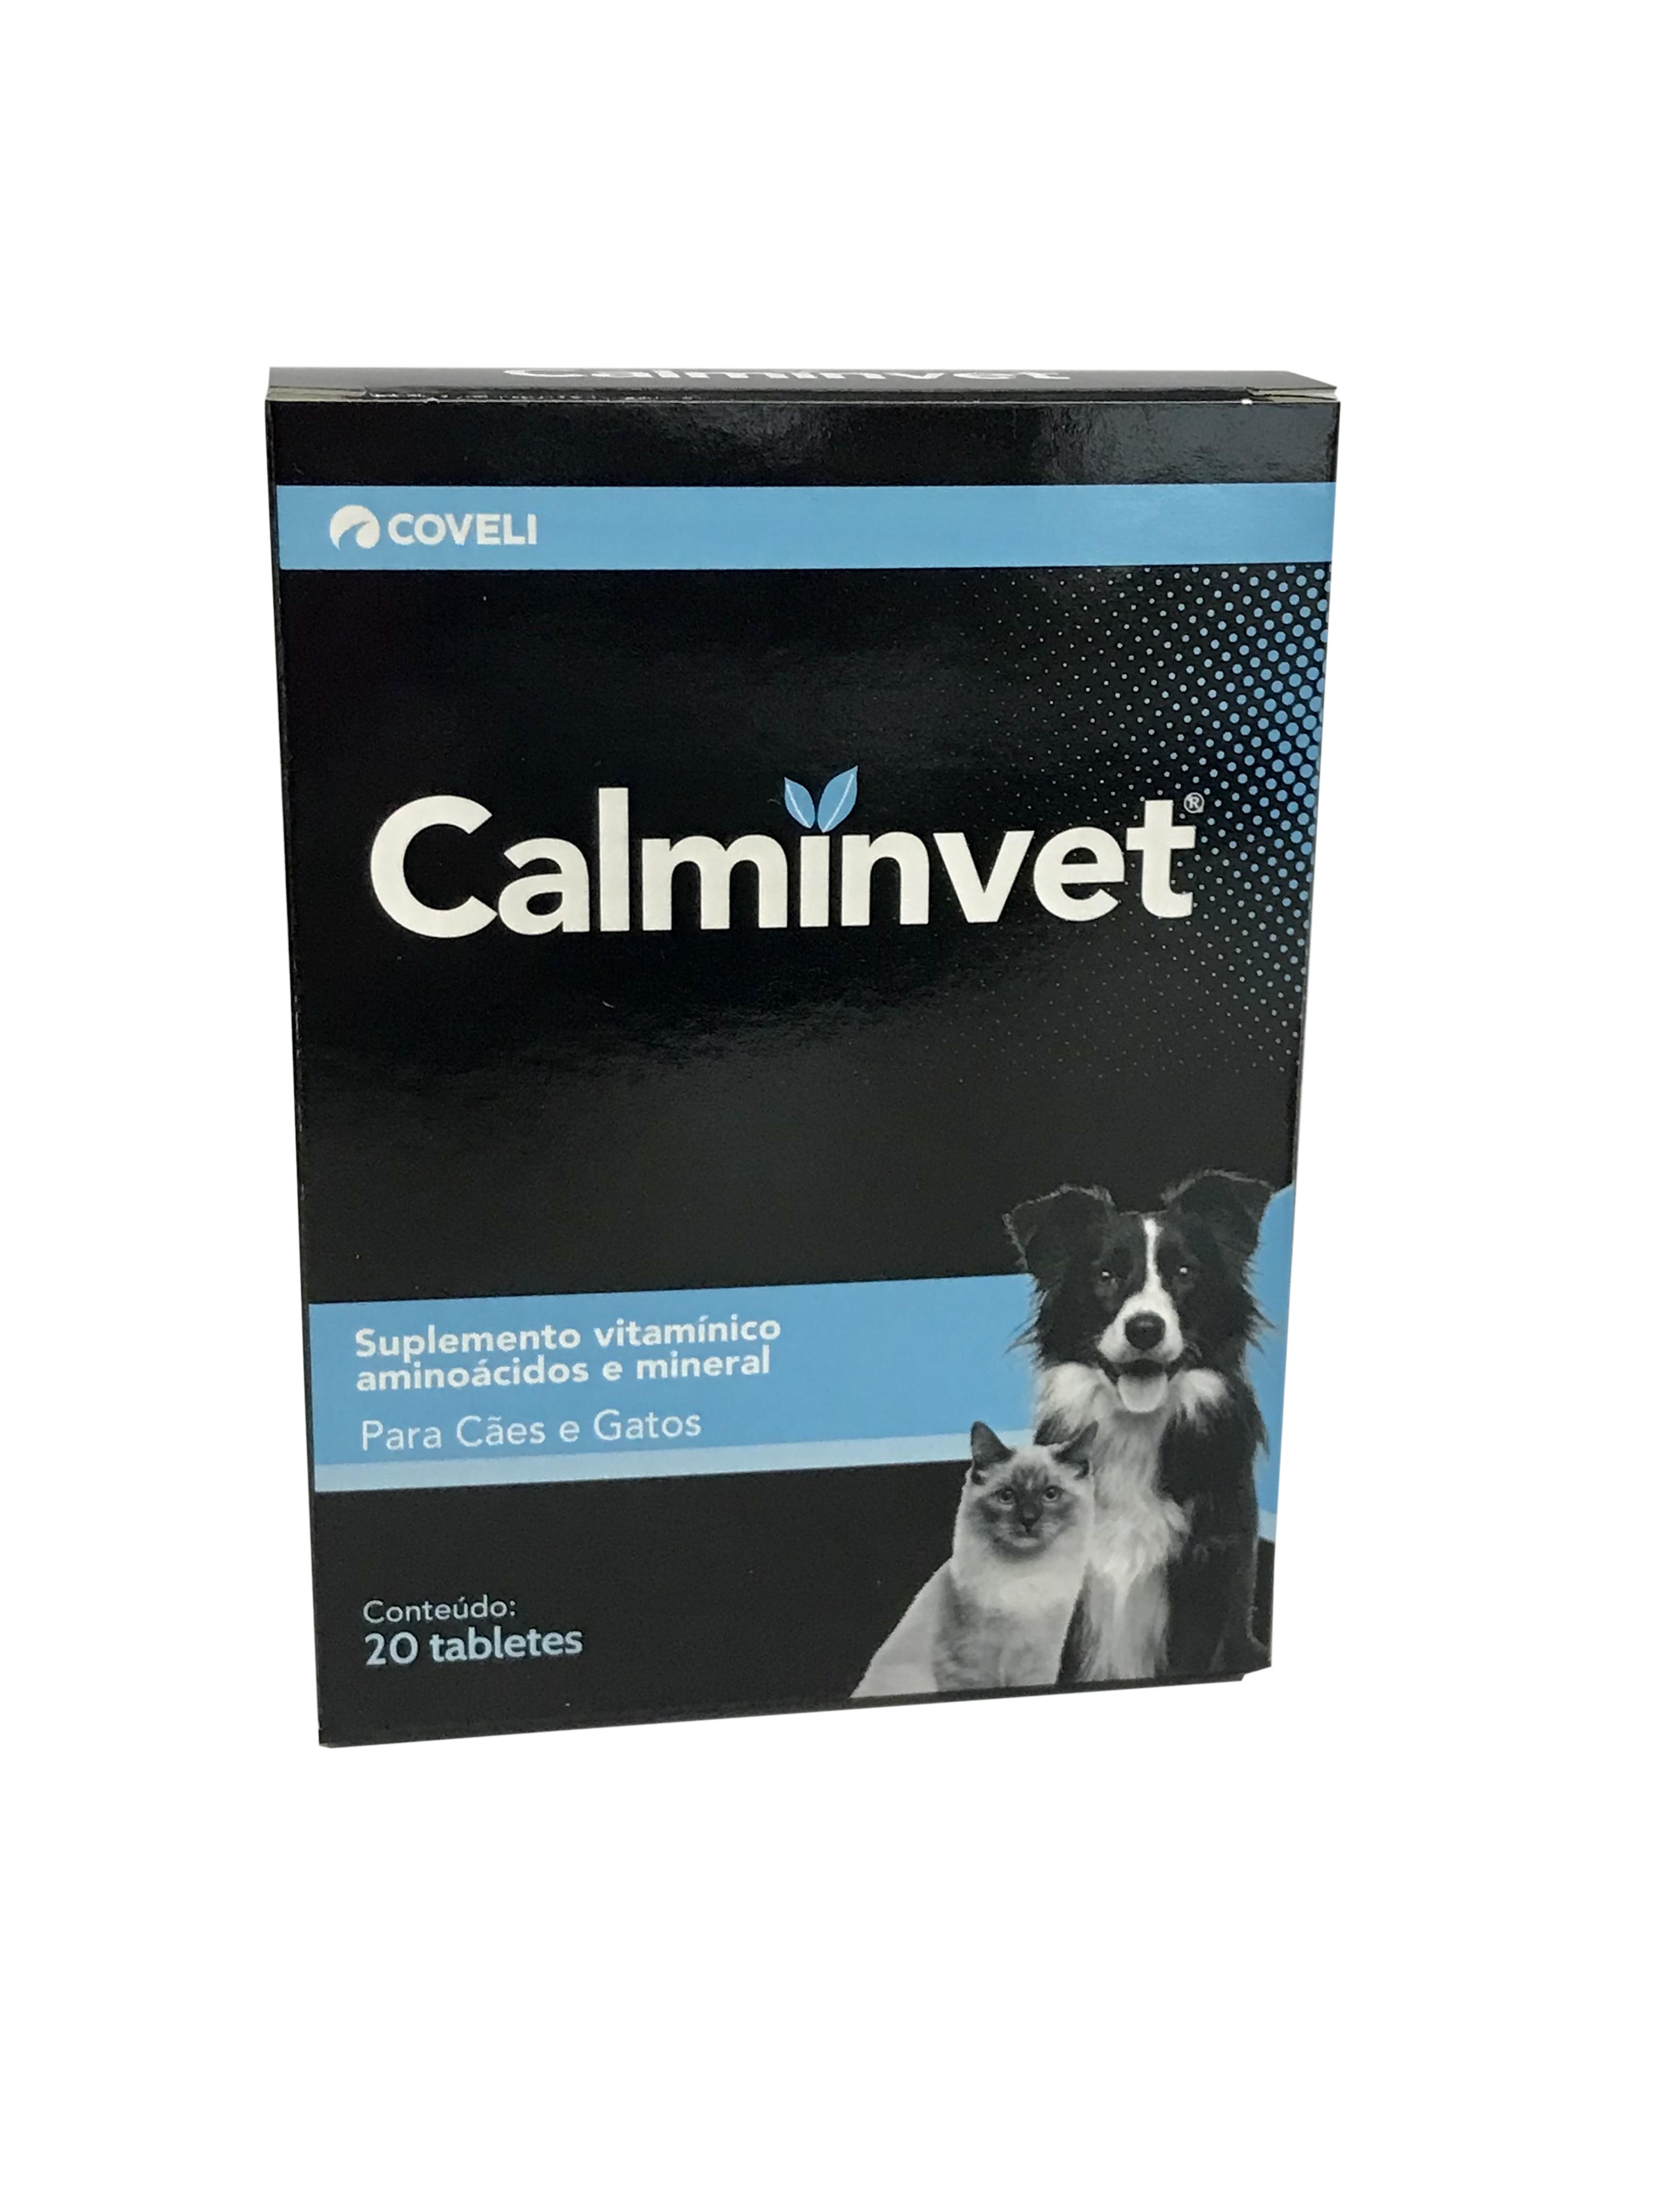 Calminvet